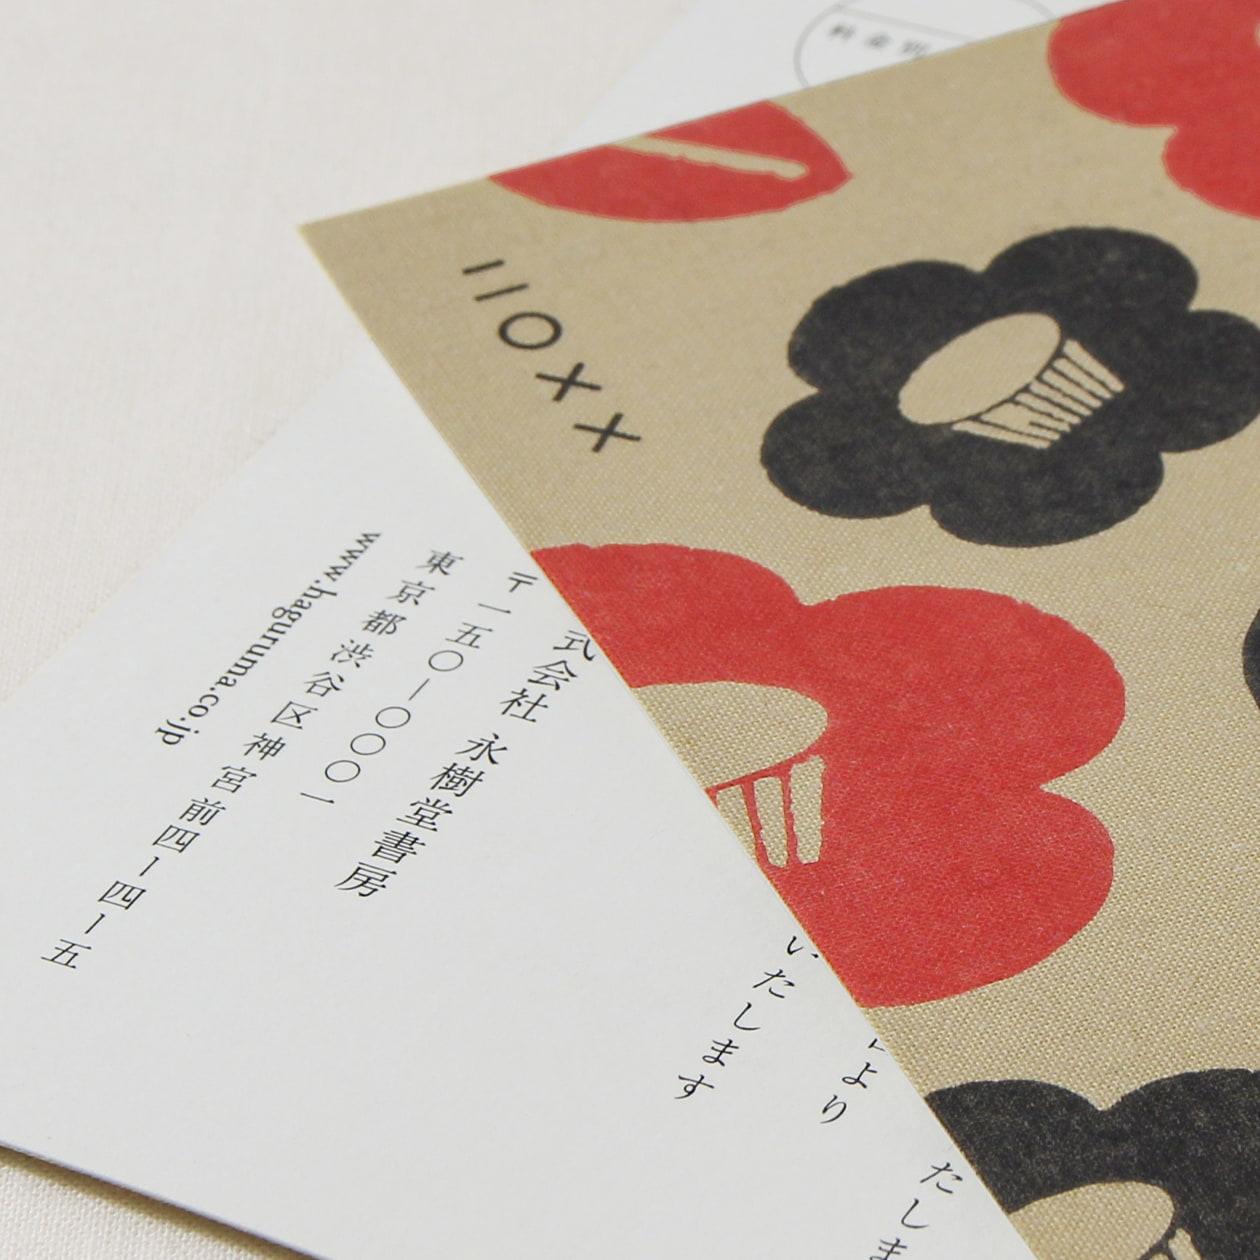 和柄の生地をそのままカードにしたような年賀状